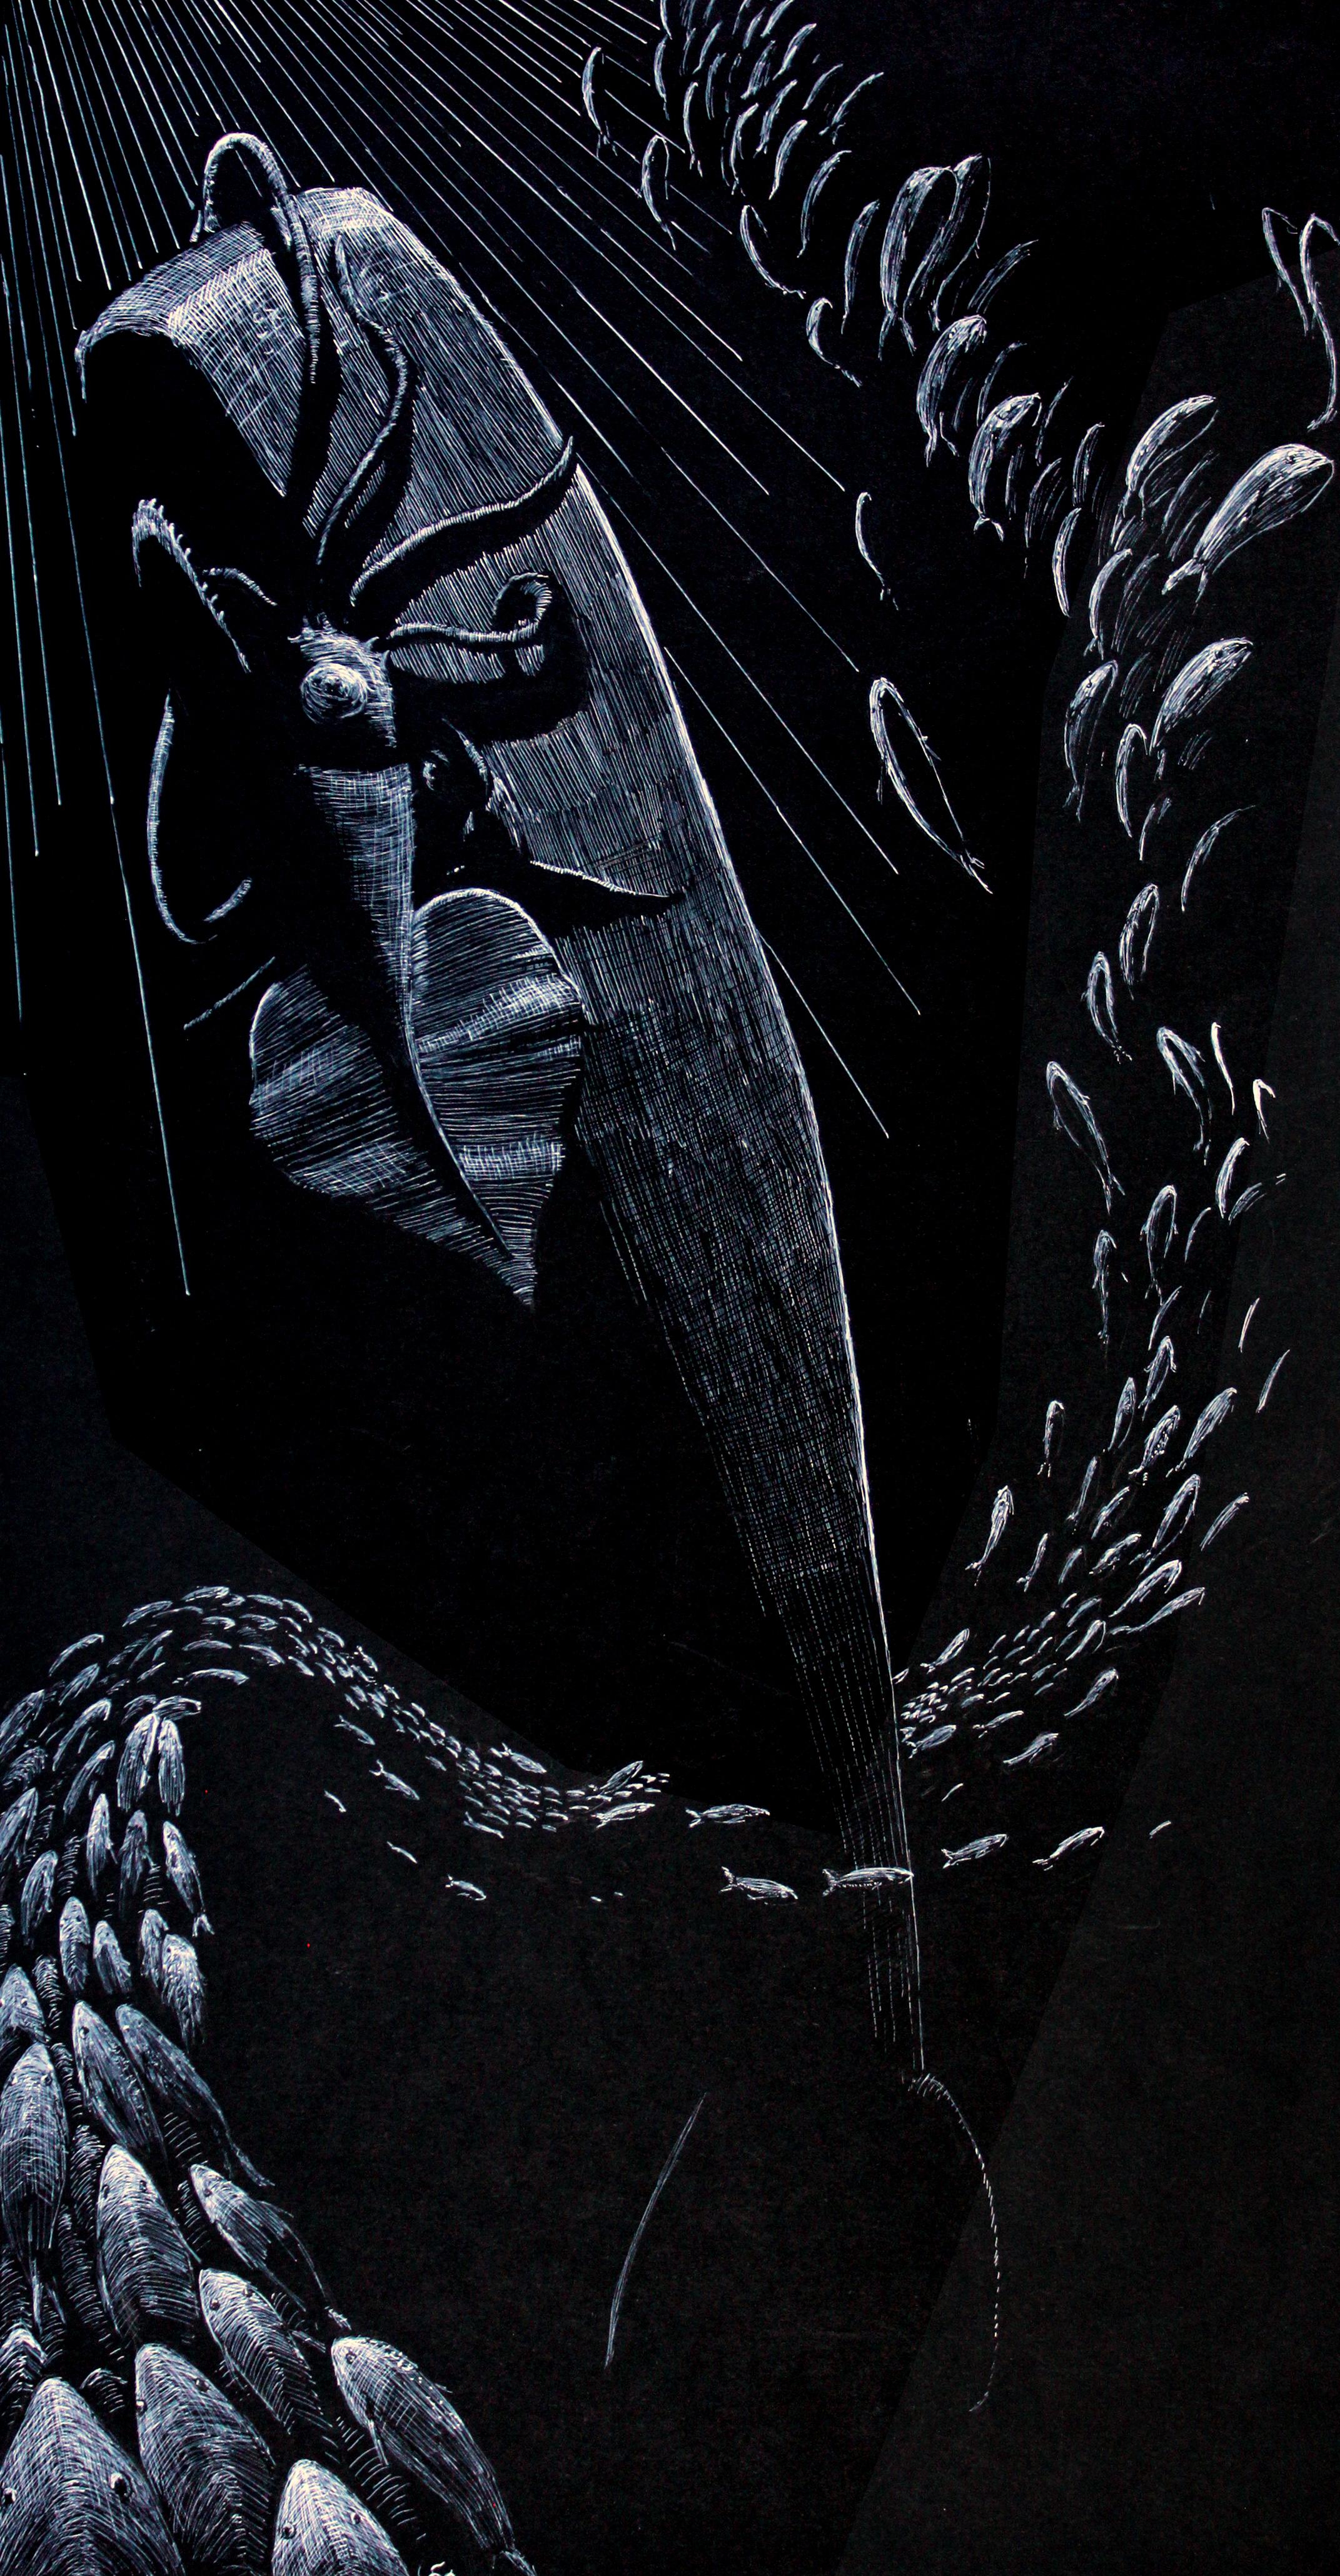 Kraken Vs Leviathan – Willworks Studios